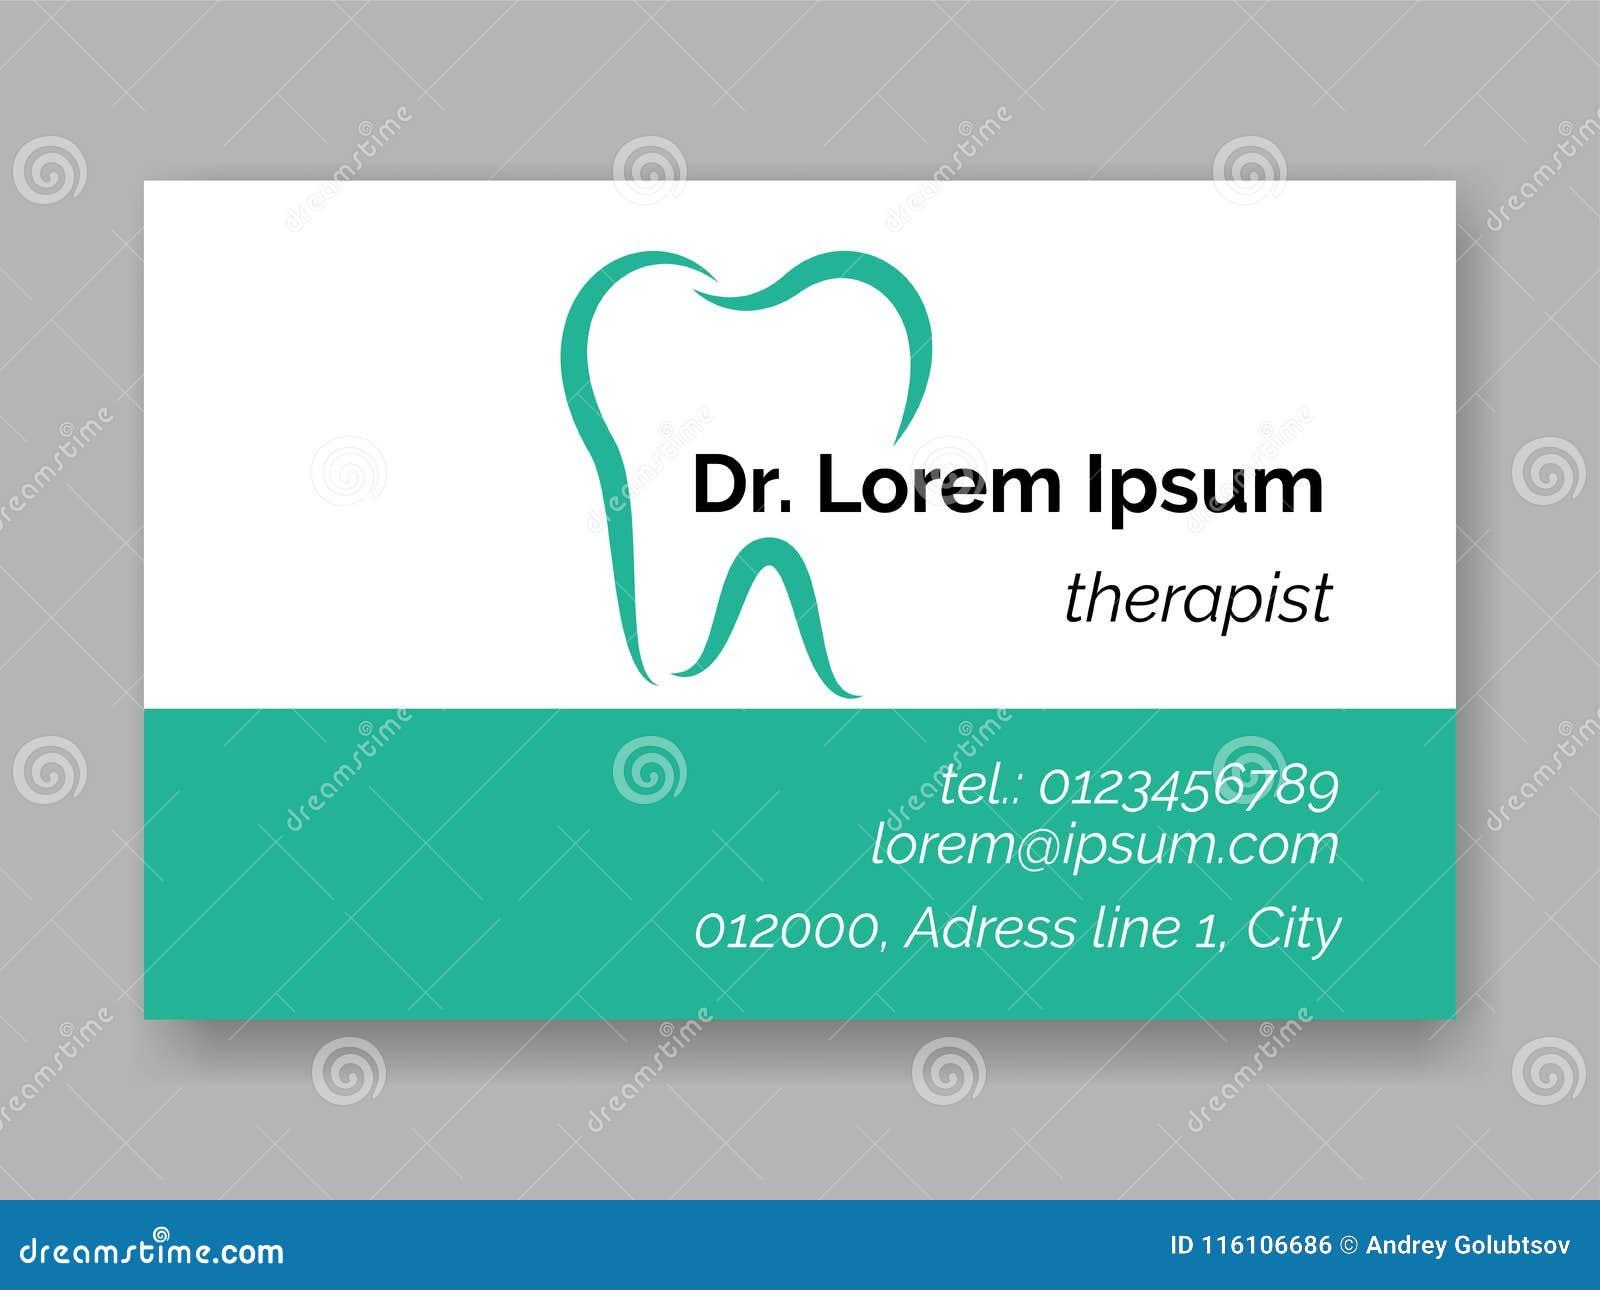 Icone Dentaire De Logo Dent Pour La Carte Visite Professionnelle Dentiste